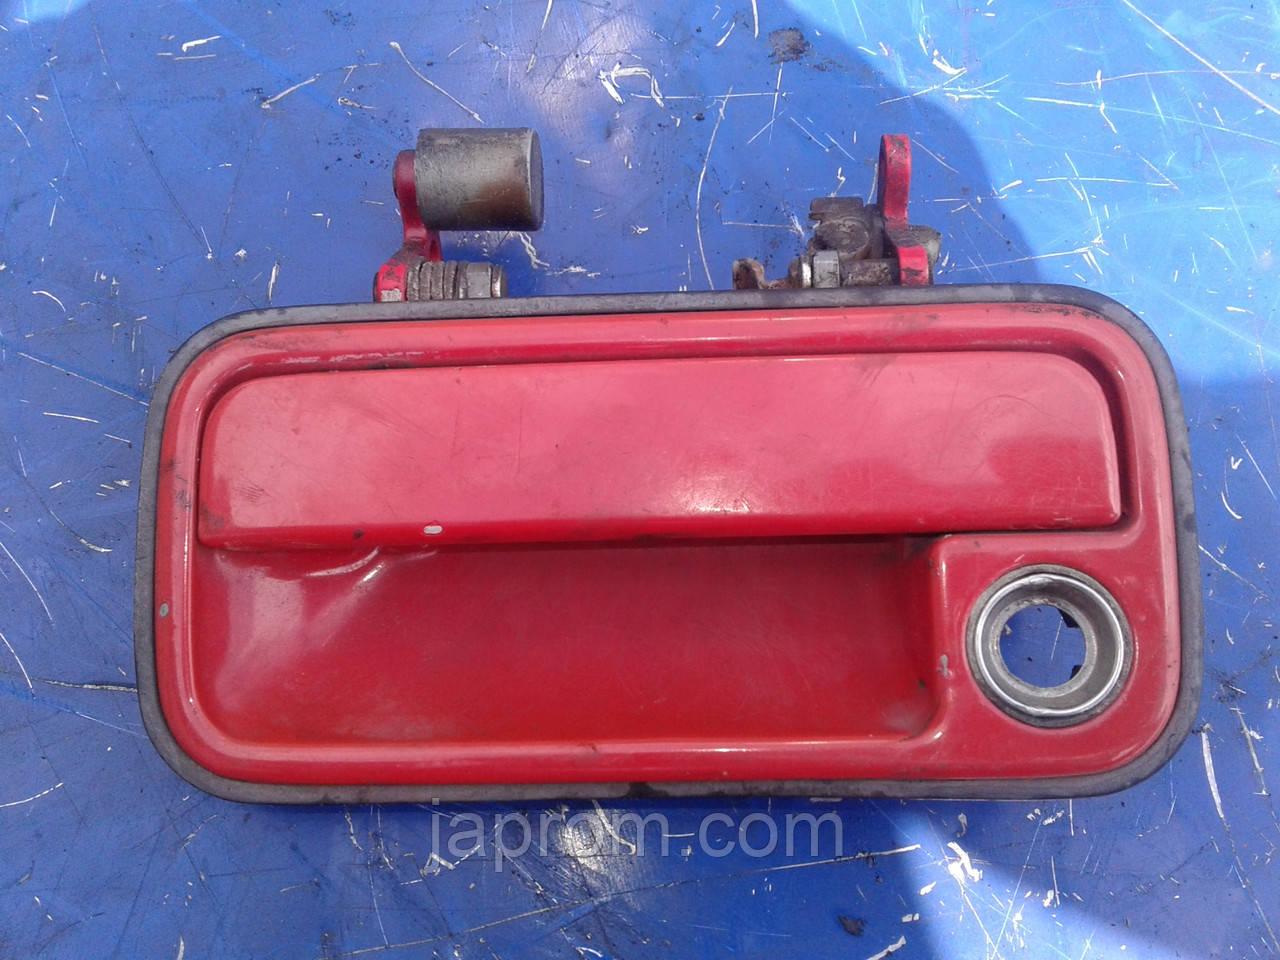 Ручка наружная передней левой двери Mazda 626 GD 1987-1991г.в.